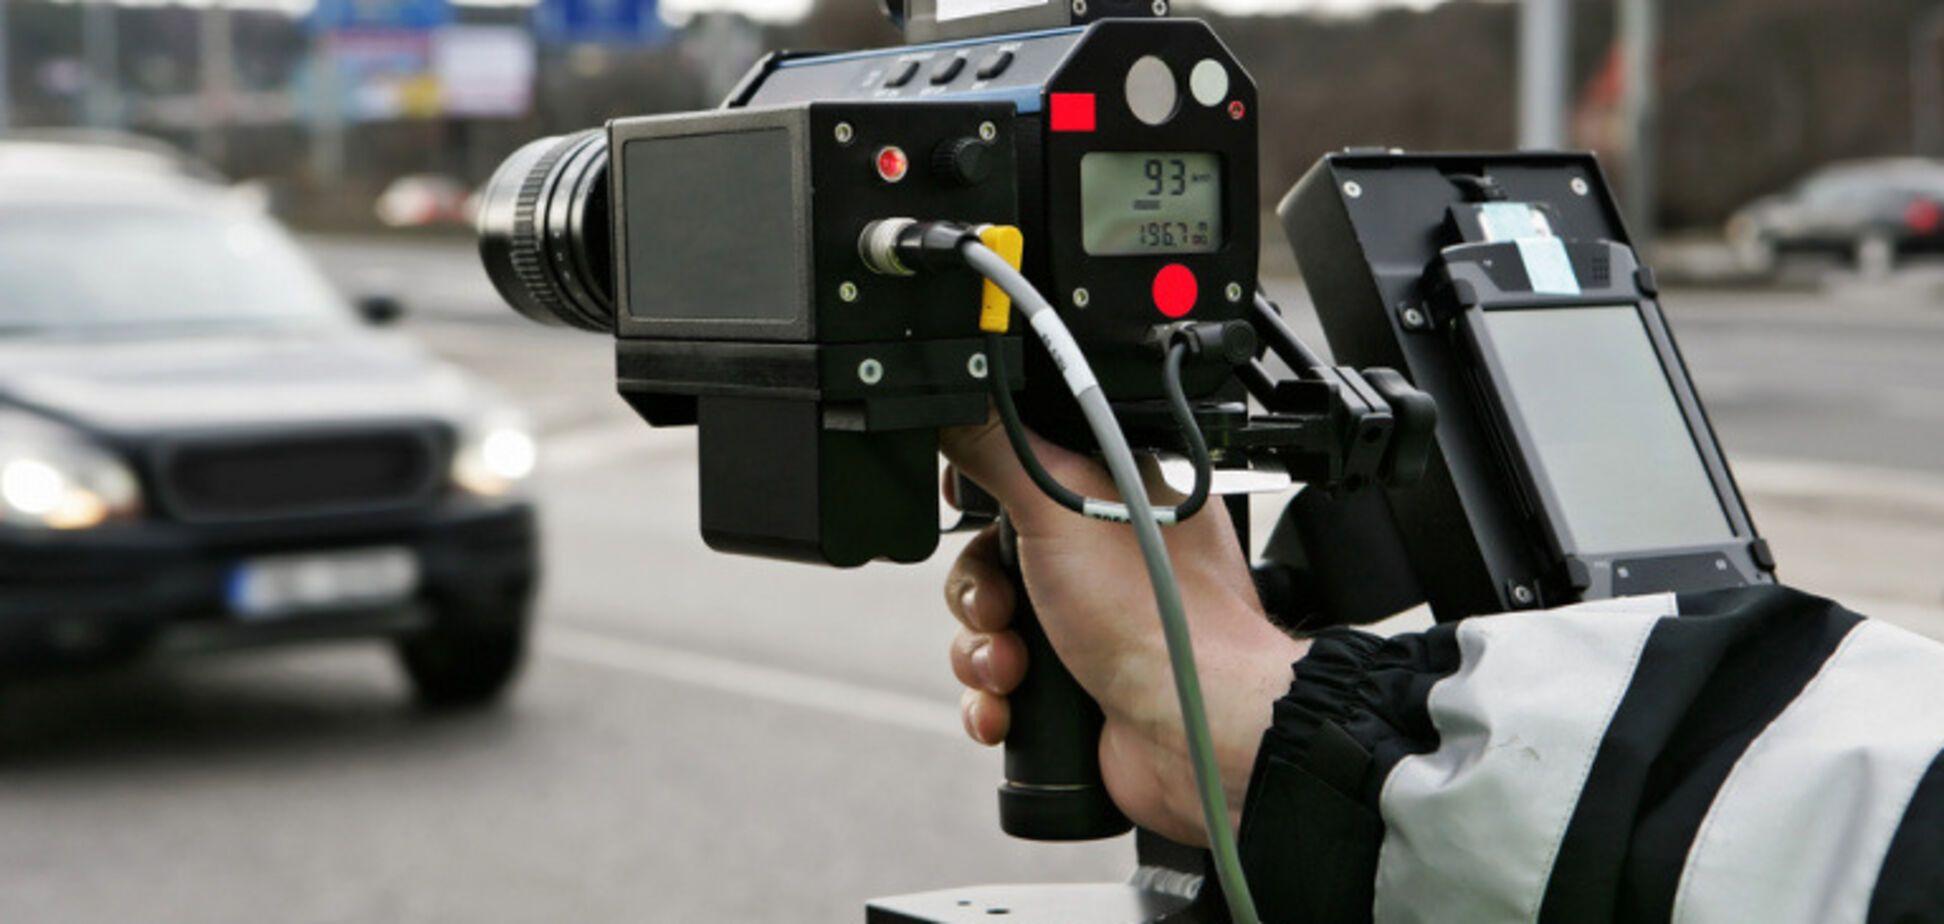 Радары и видеокамеры сохранят тысячи жизней